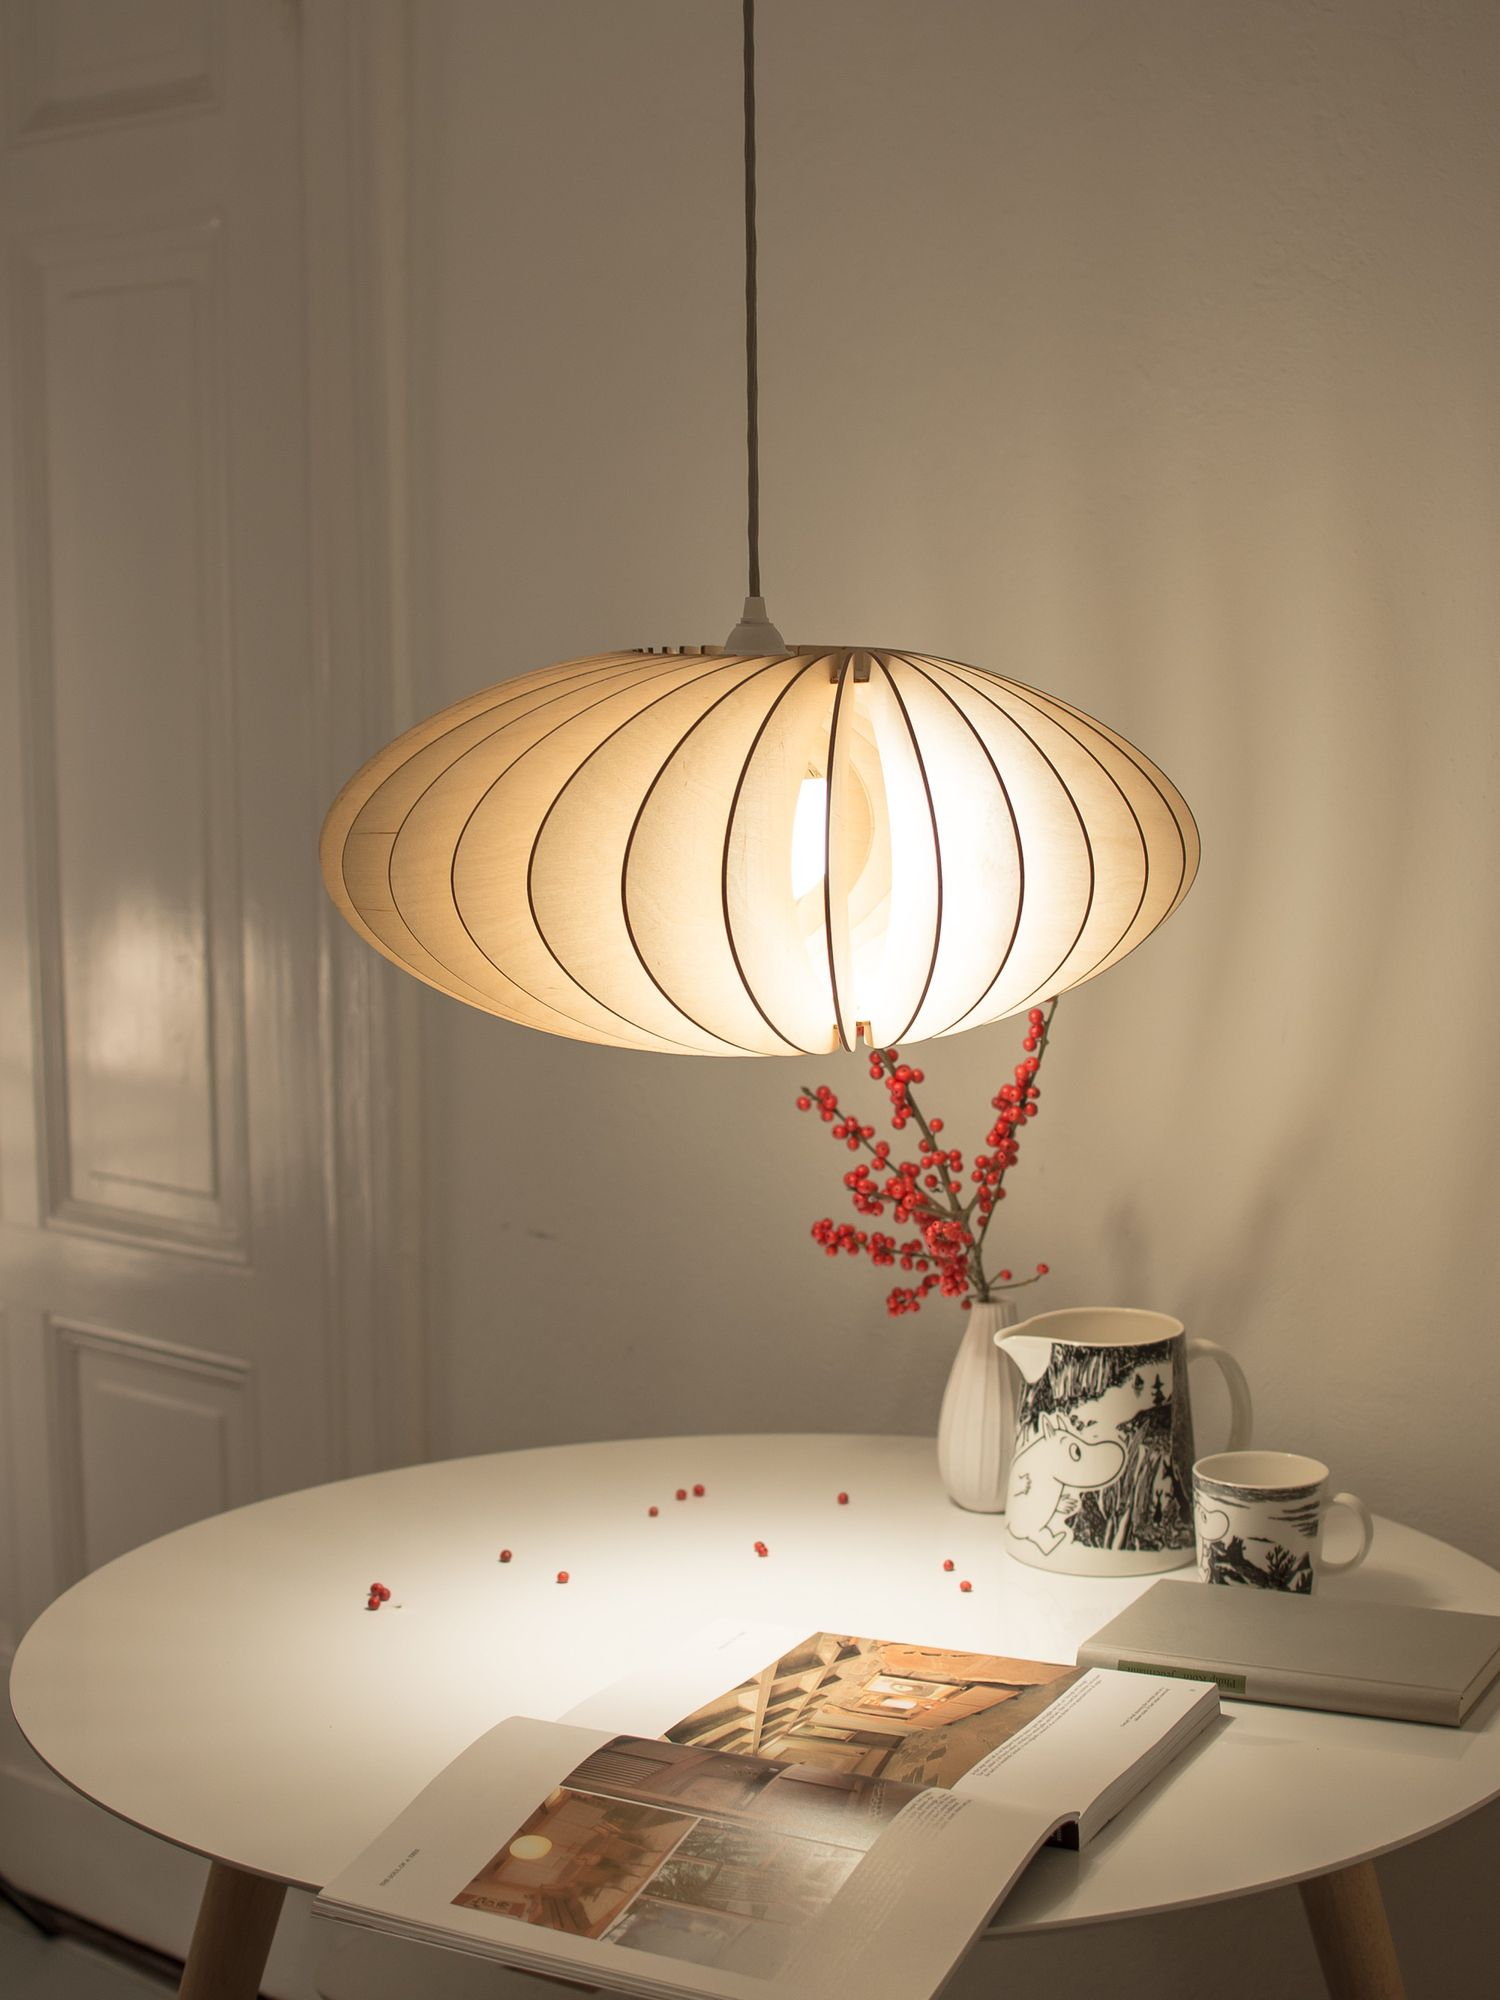 Nefi Lampe Natur Mit Weissem Textil Kabel Wohnen Leuchten Und Lampen